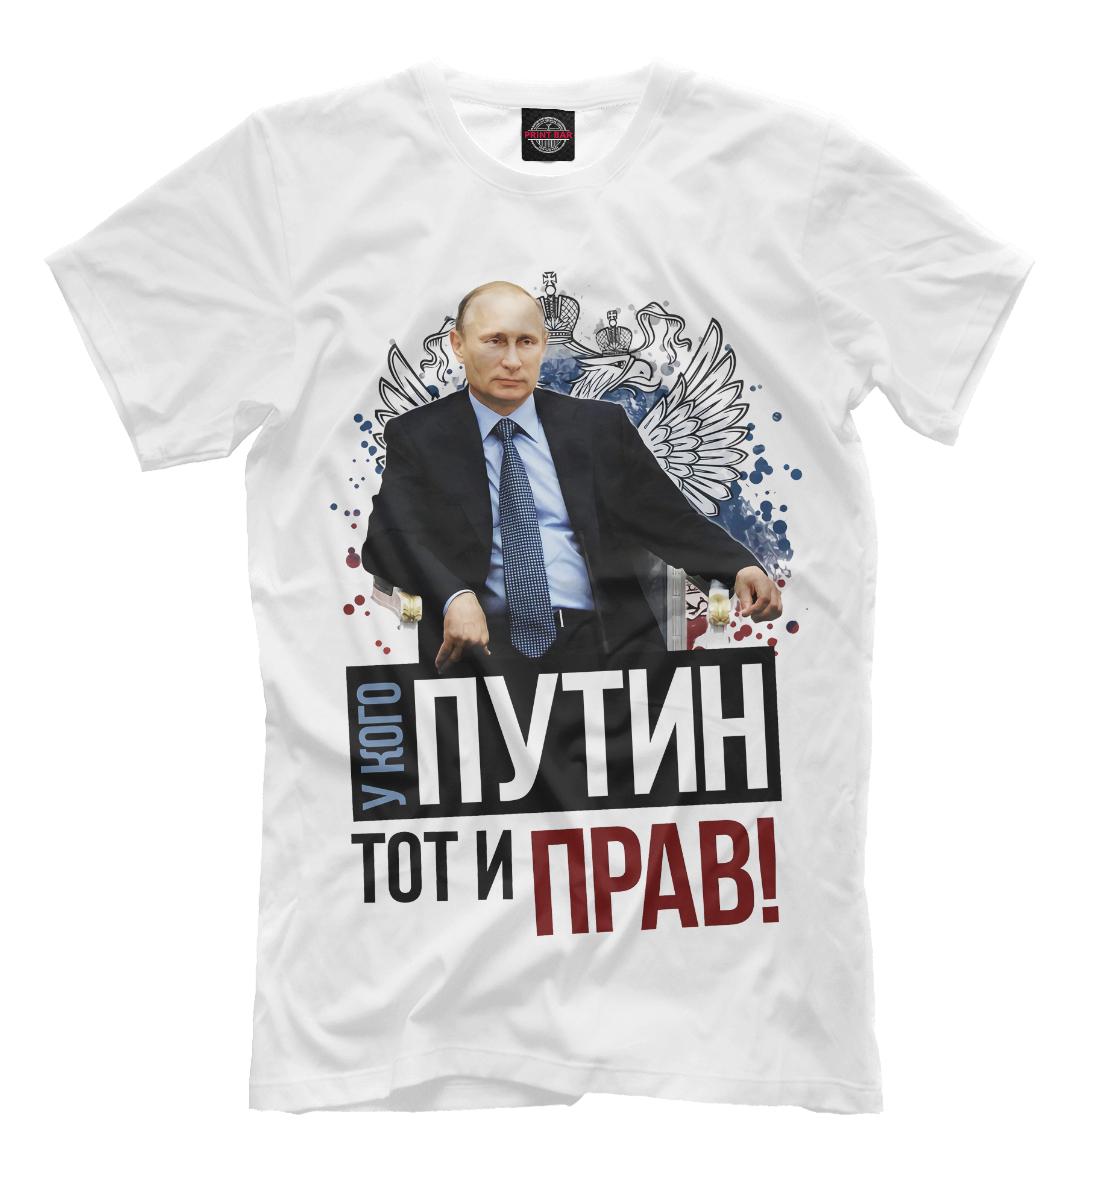 Купить У кого Путин, тот и прав, Printbar, Футболки, PUT-371639-fut-2